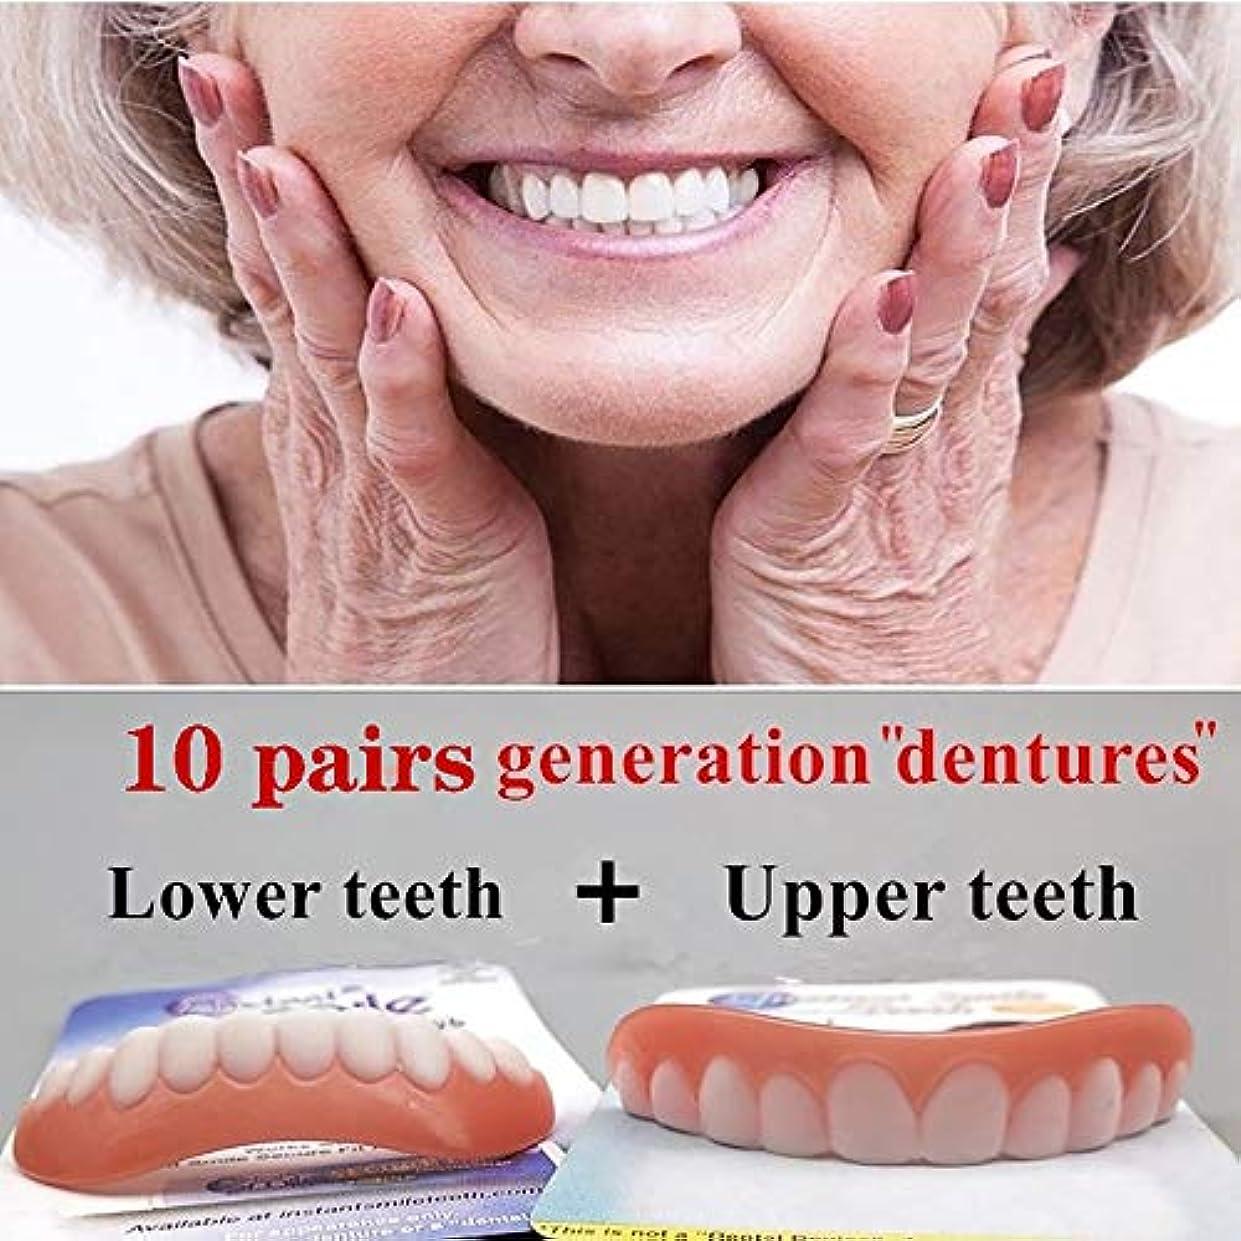 鉄道駅タッチ時代遅れ20個の歯の快適さフィットフレックス化粧品の歯義歯の歯のトップ化粧品のベニヤシミュレーションブレース新しい